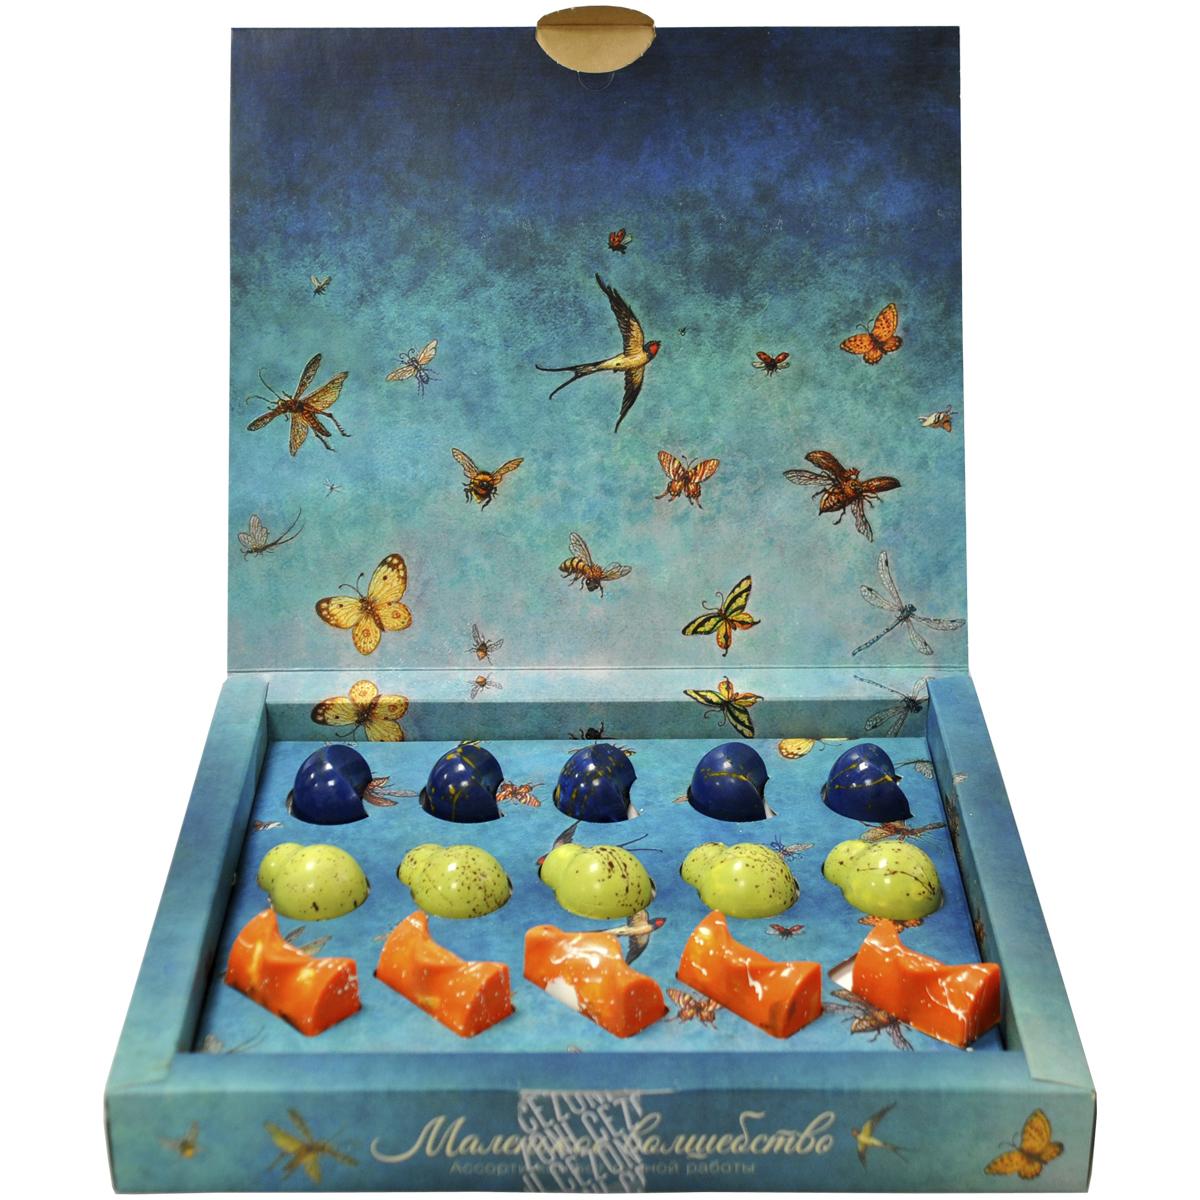 Конфеты шоколадные «Маленькое волшебство» ручной работы Ассорти CEZONI 150 г